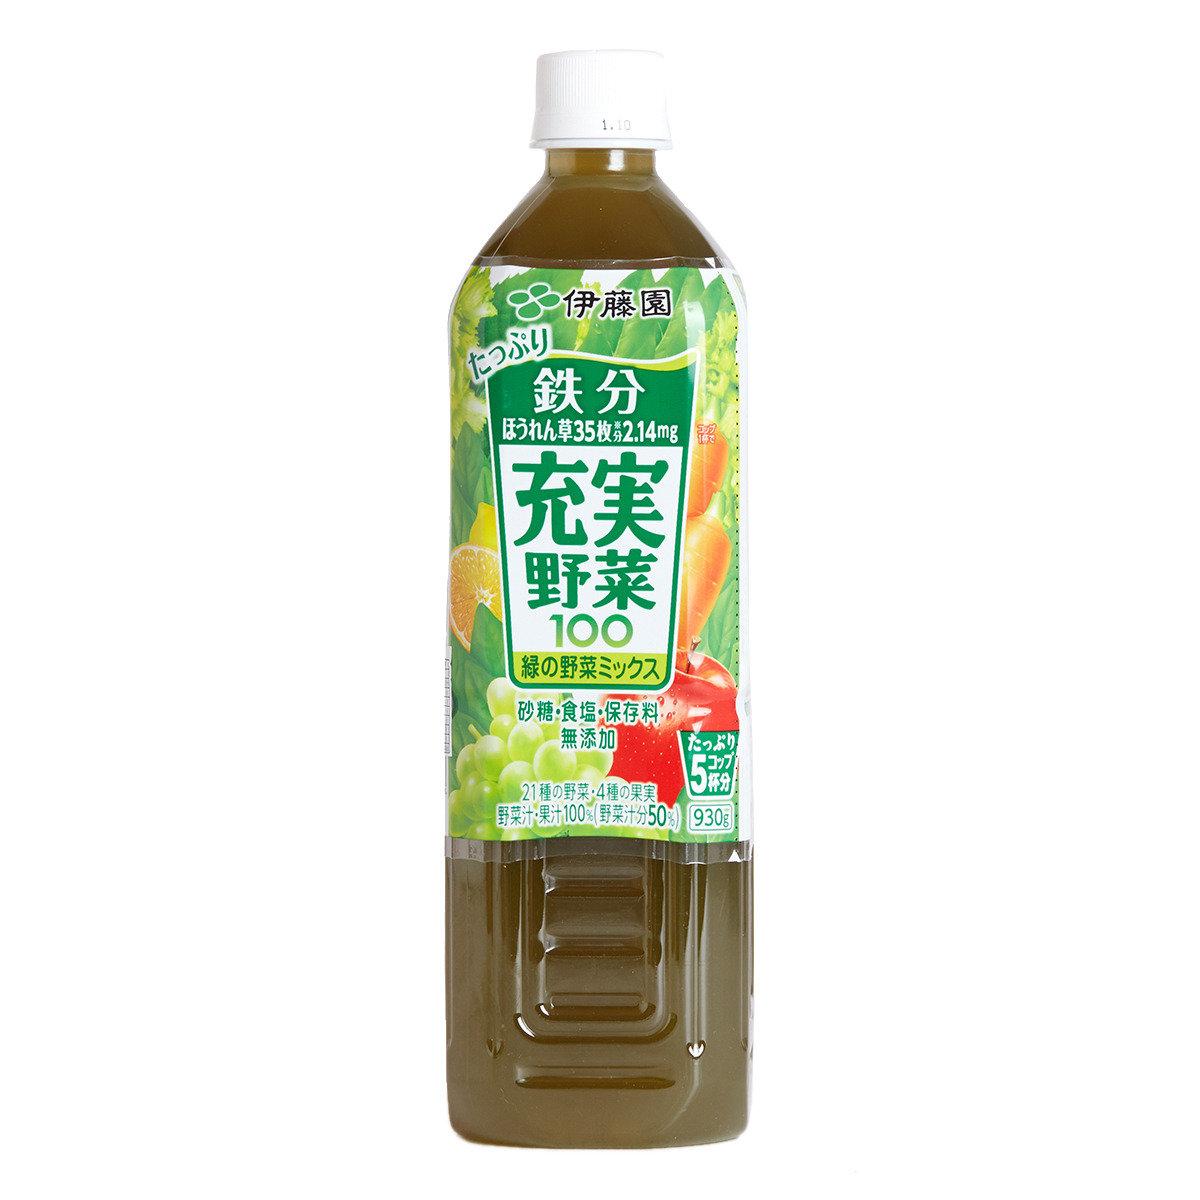 綠色野菜汁